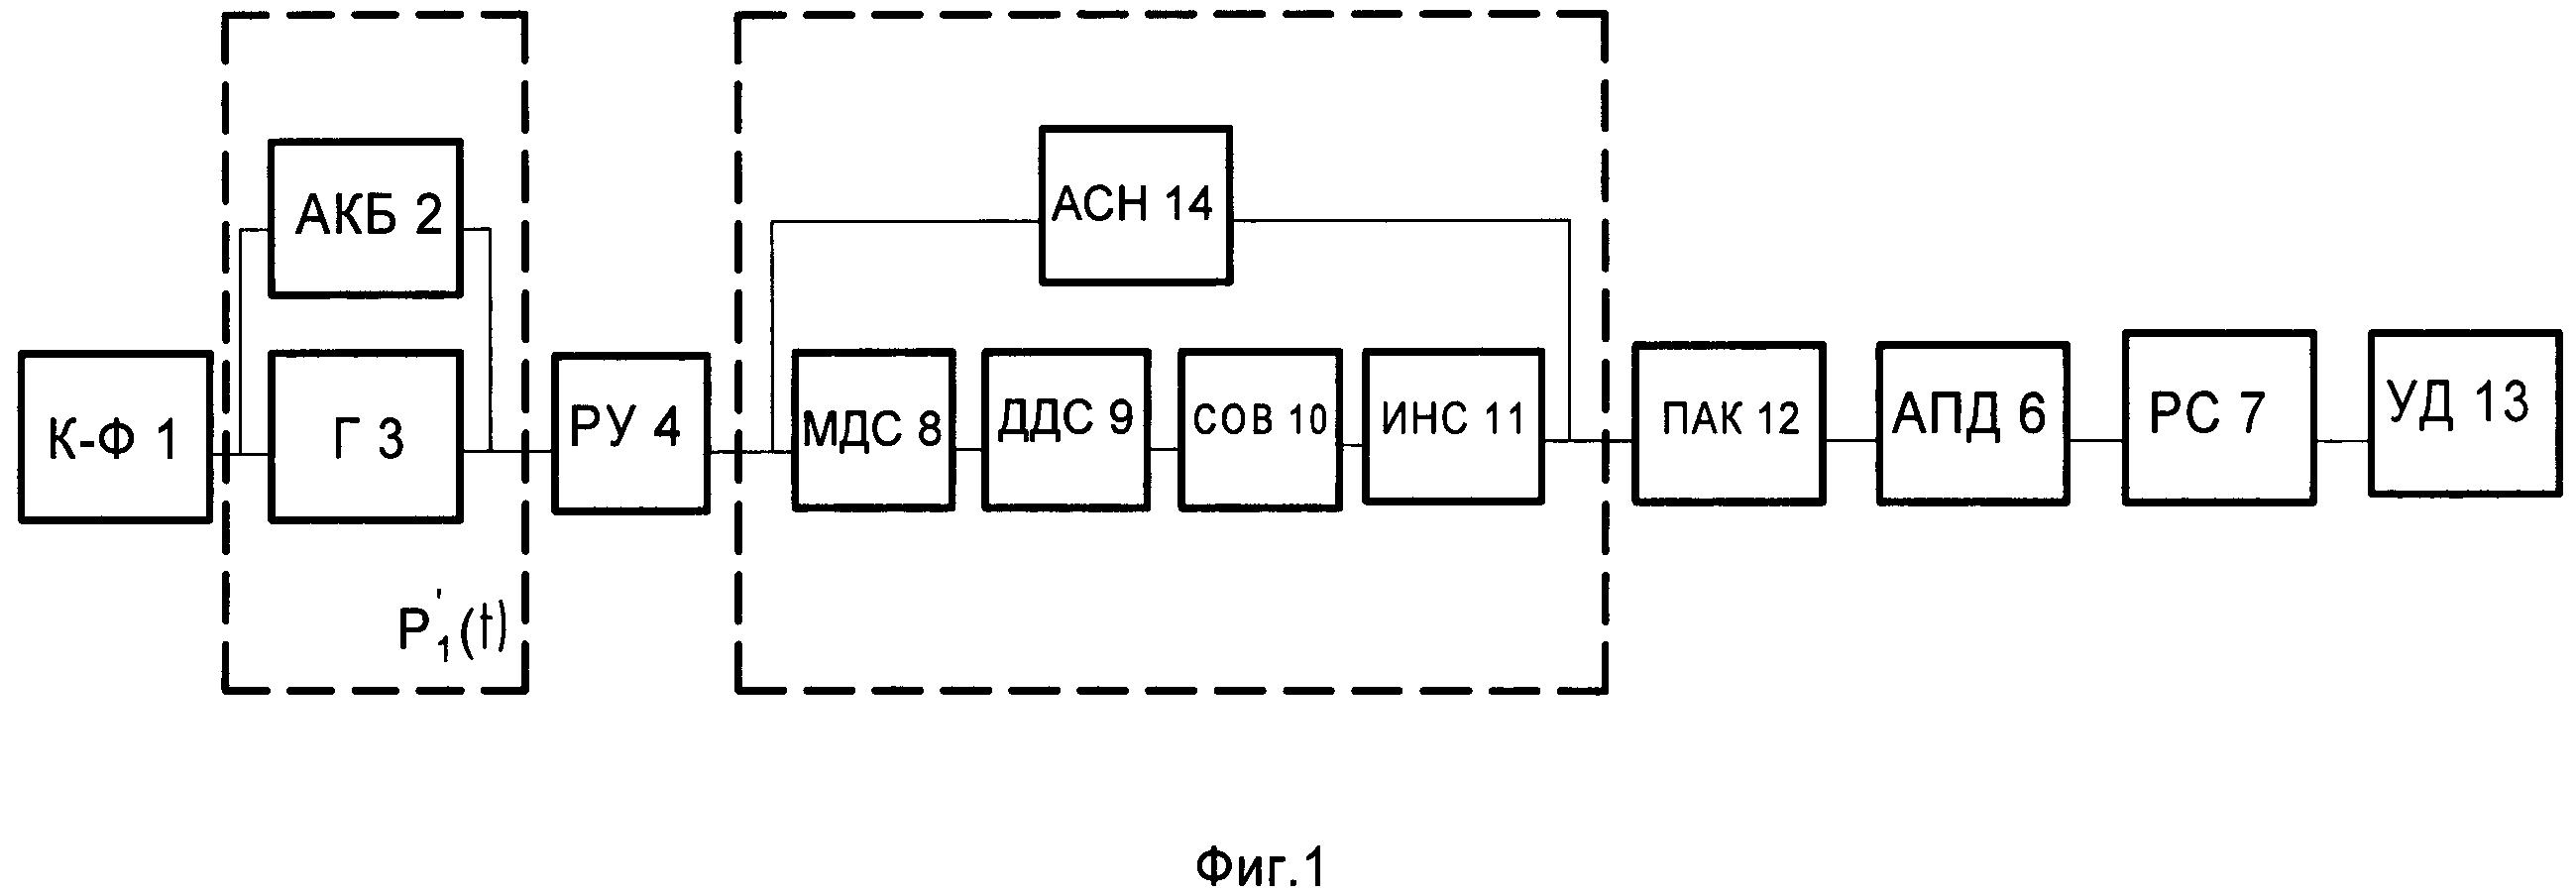 Система для определения и обеспечения показателей надёжности объекта военной техники